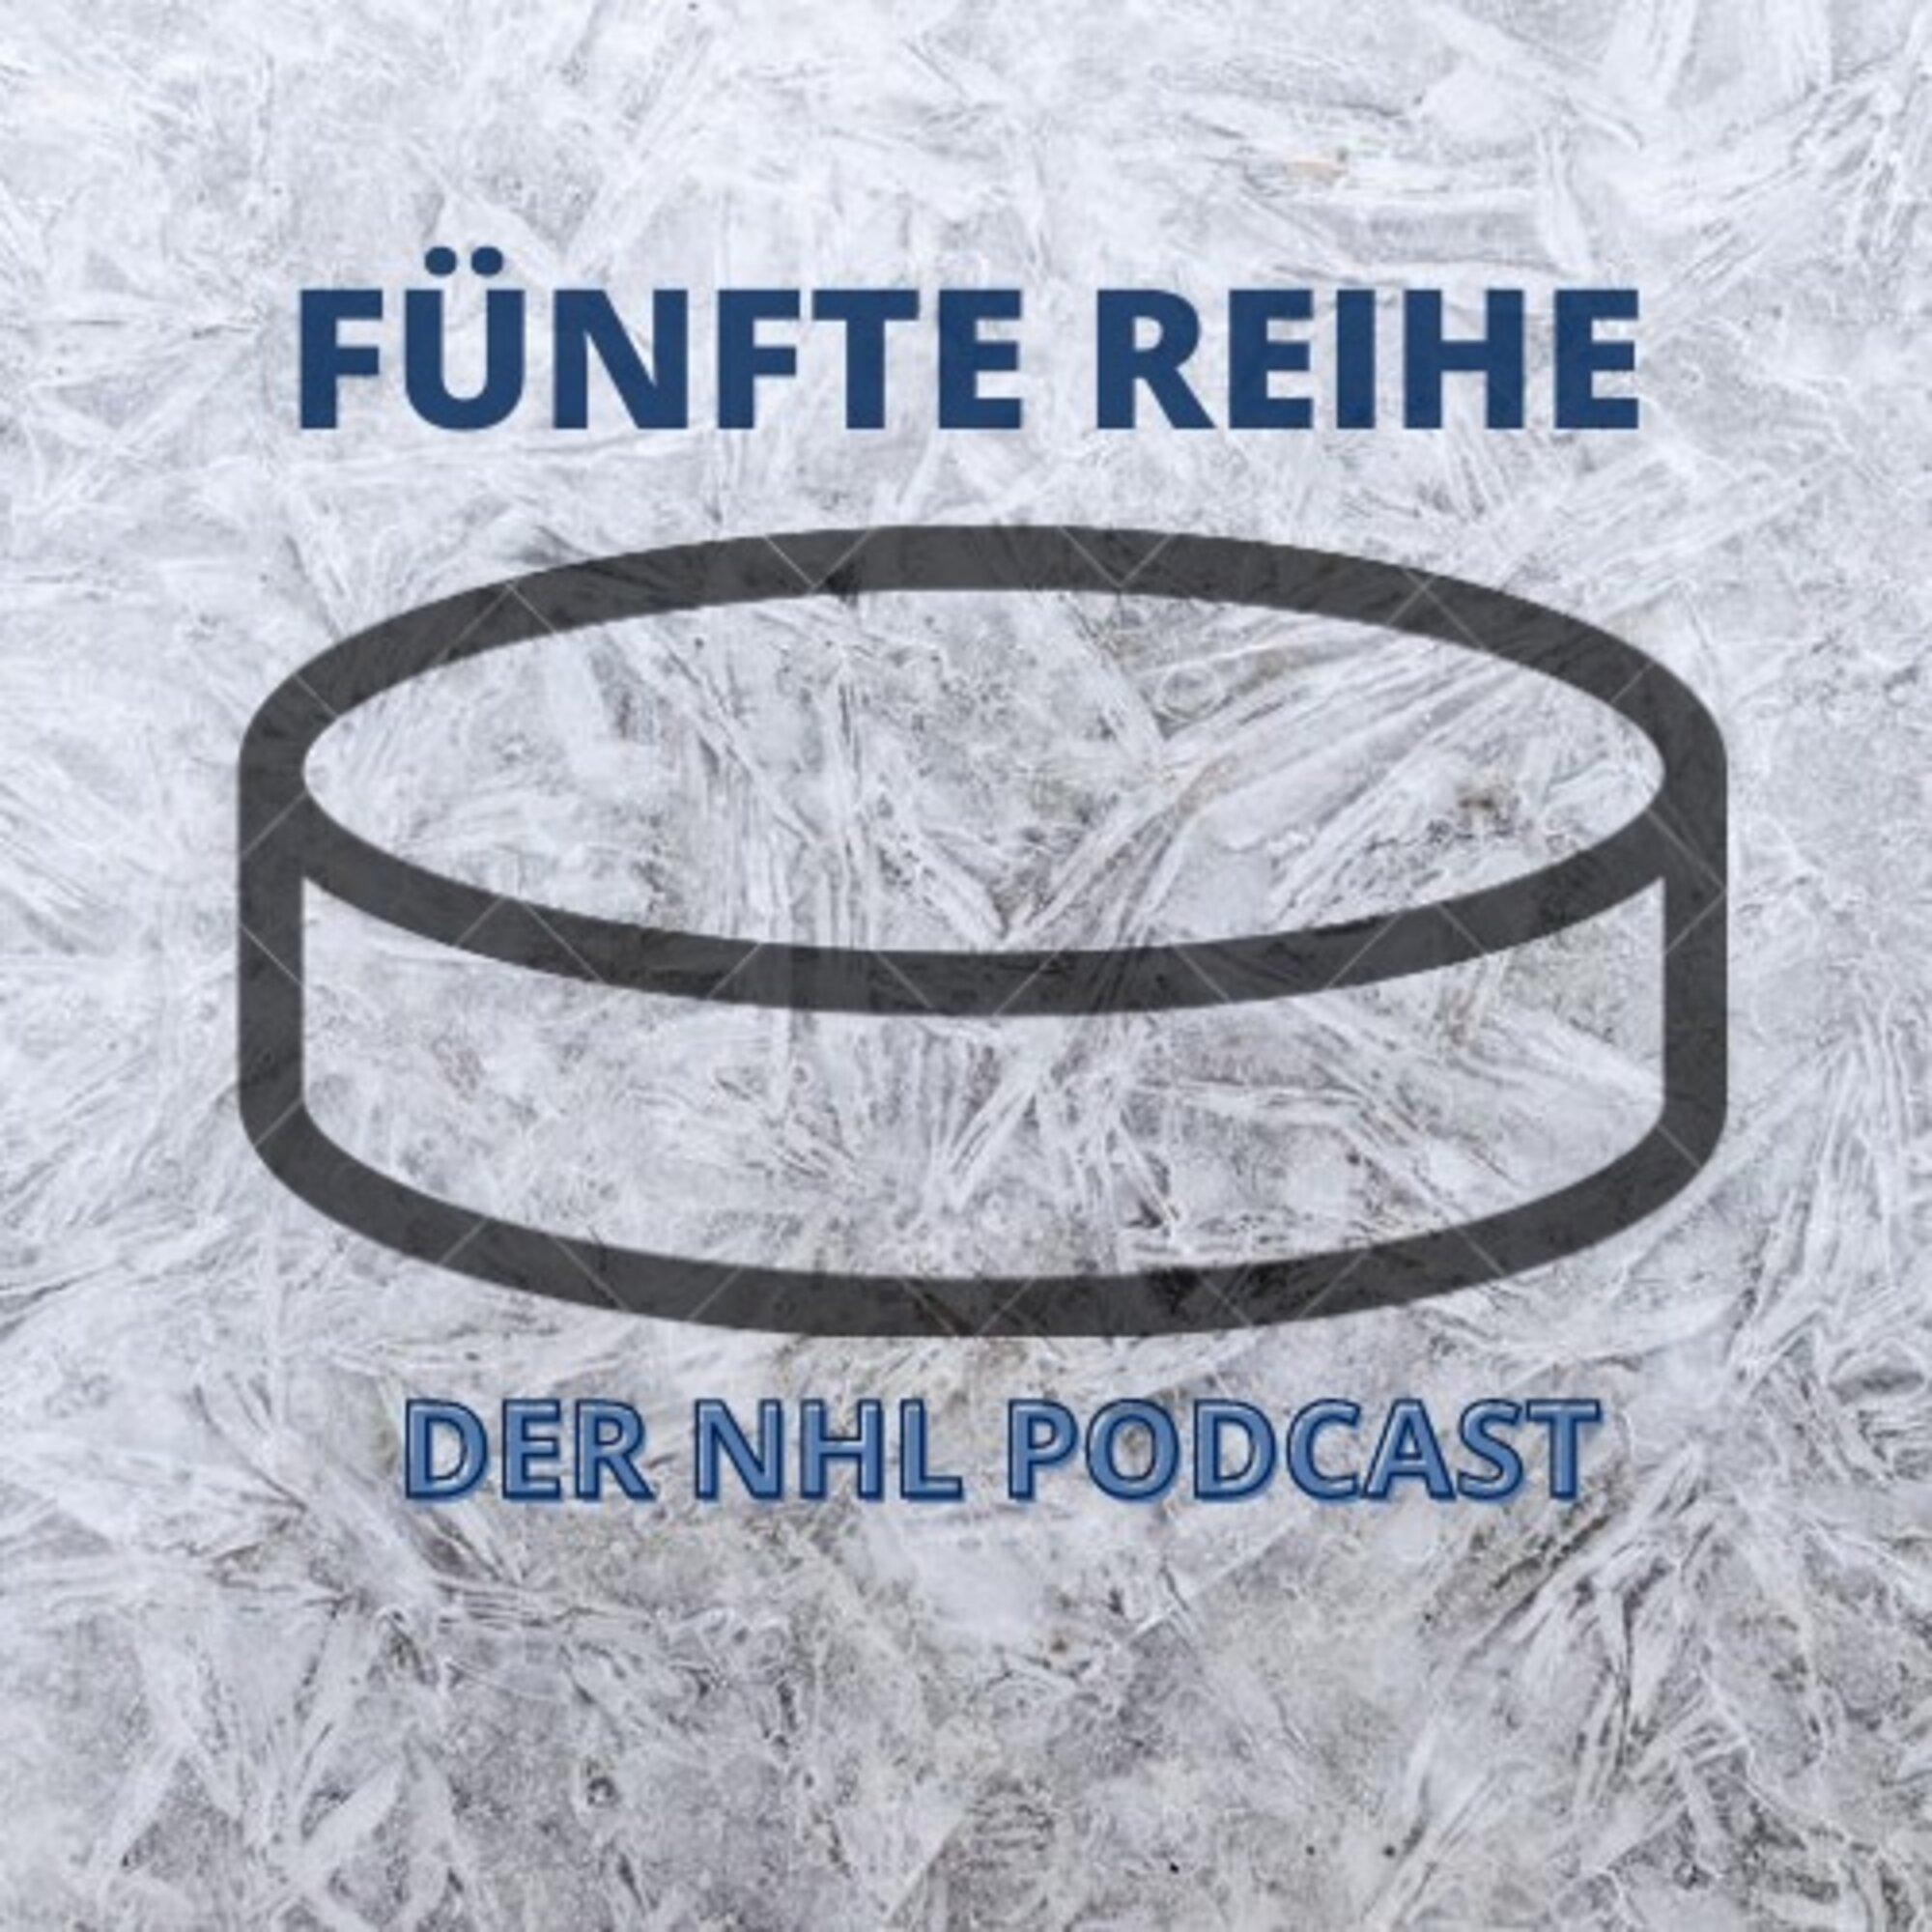 Die Fünfte Reihe - der NHL-Podcast